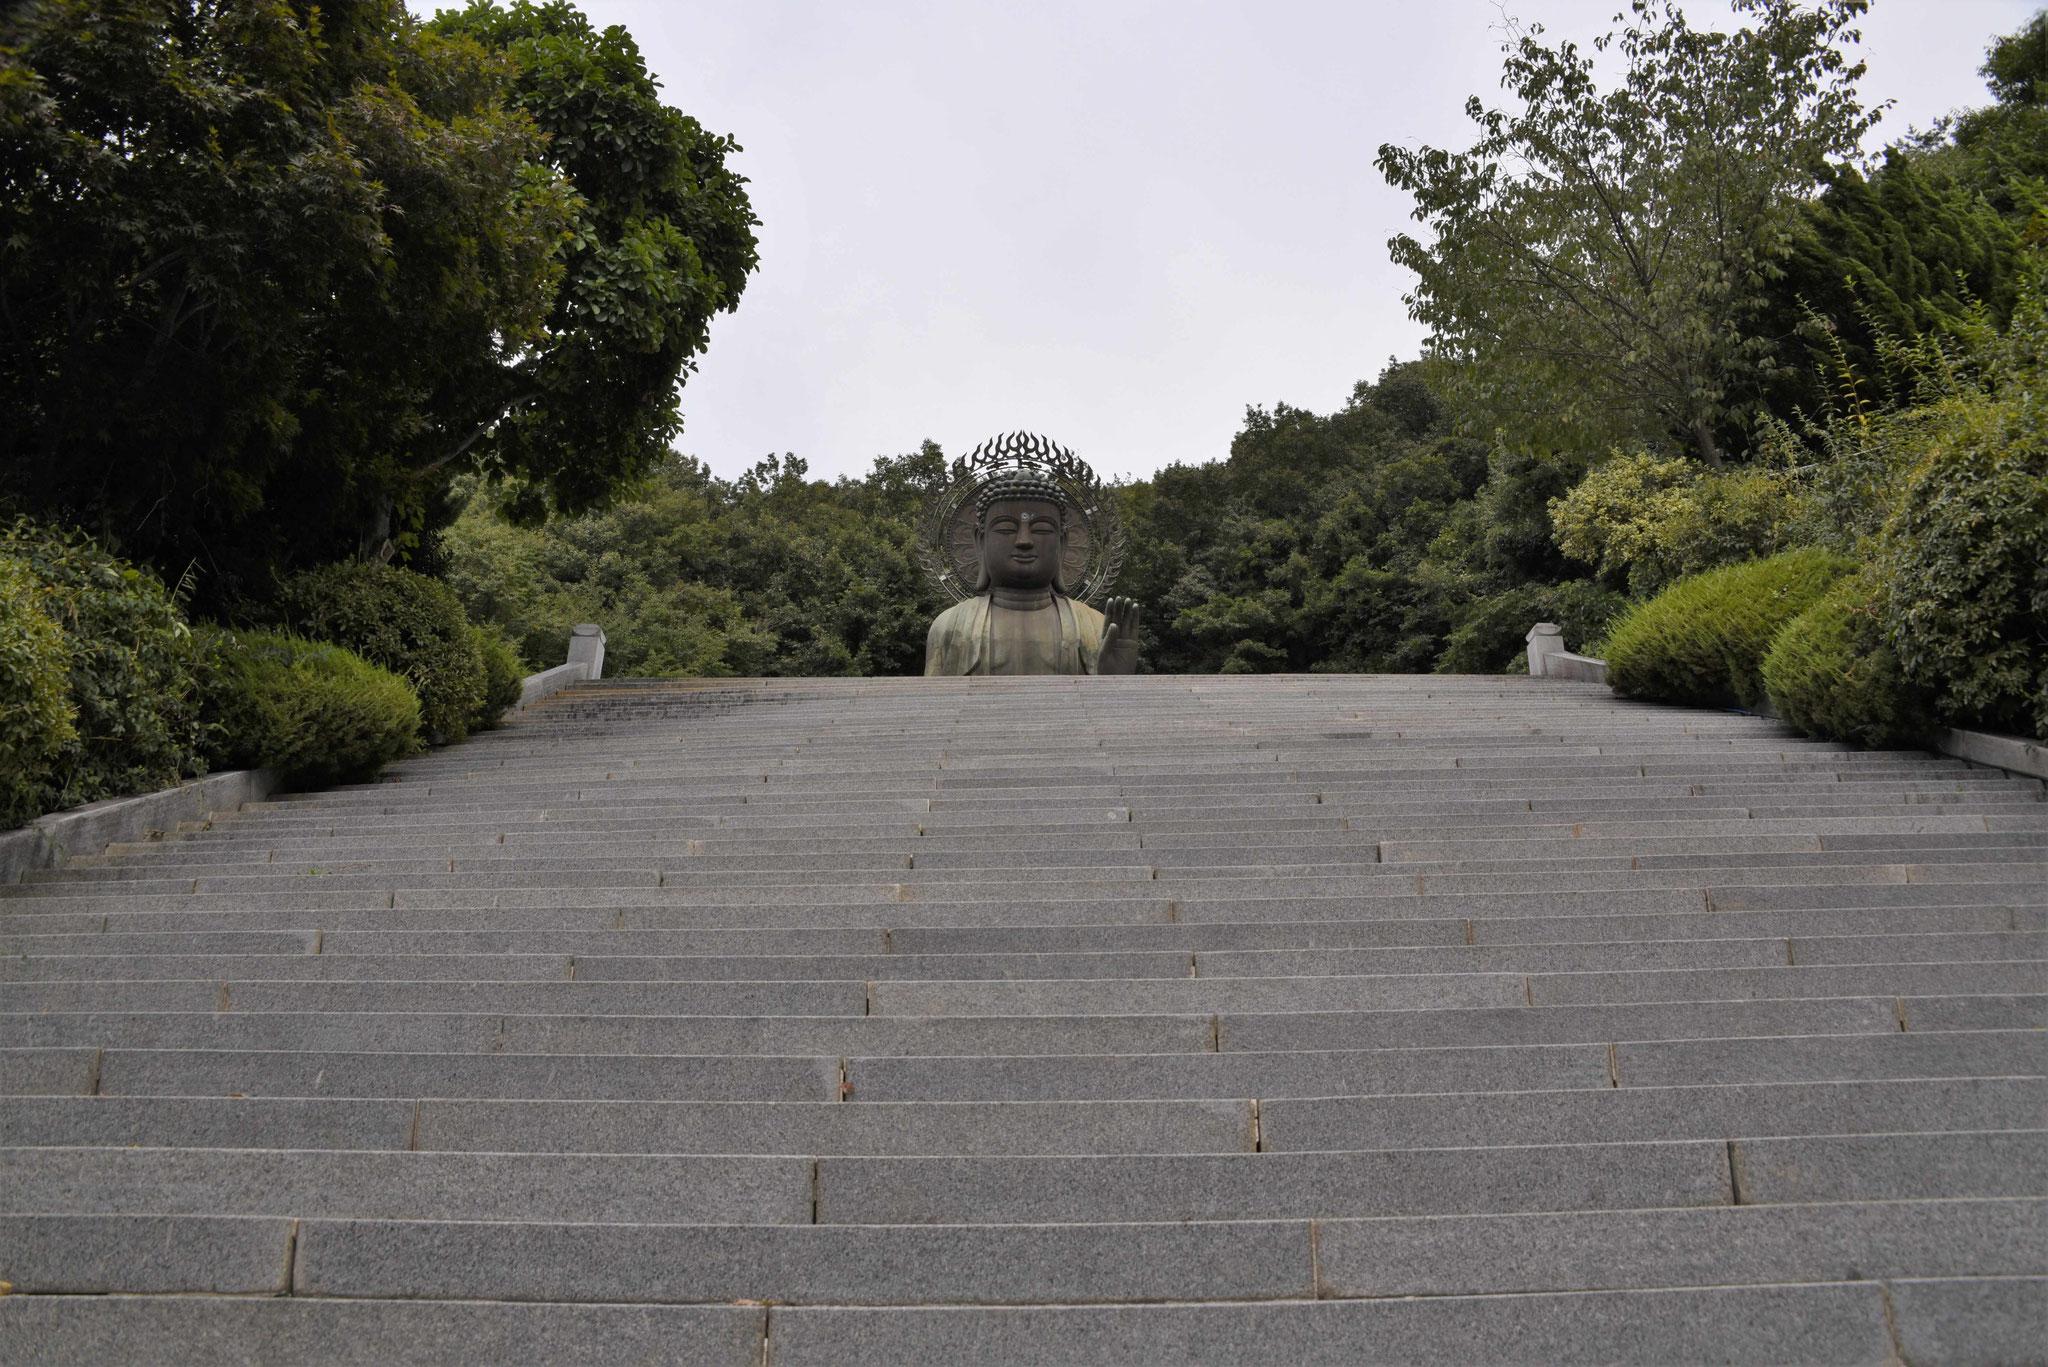 Von hier aus sieht man noch nichts von den 1000 Buddhas